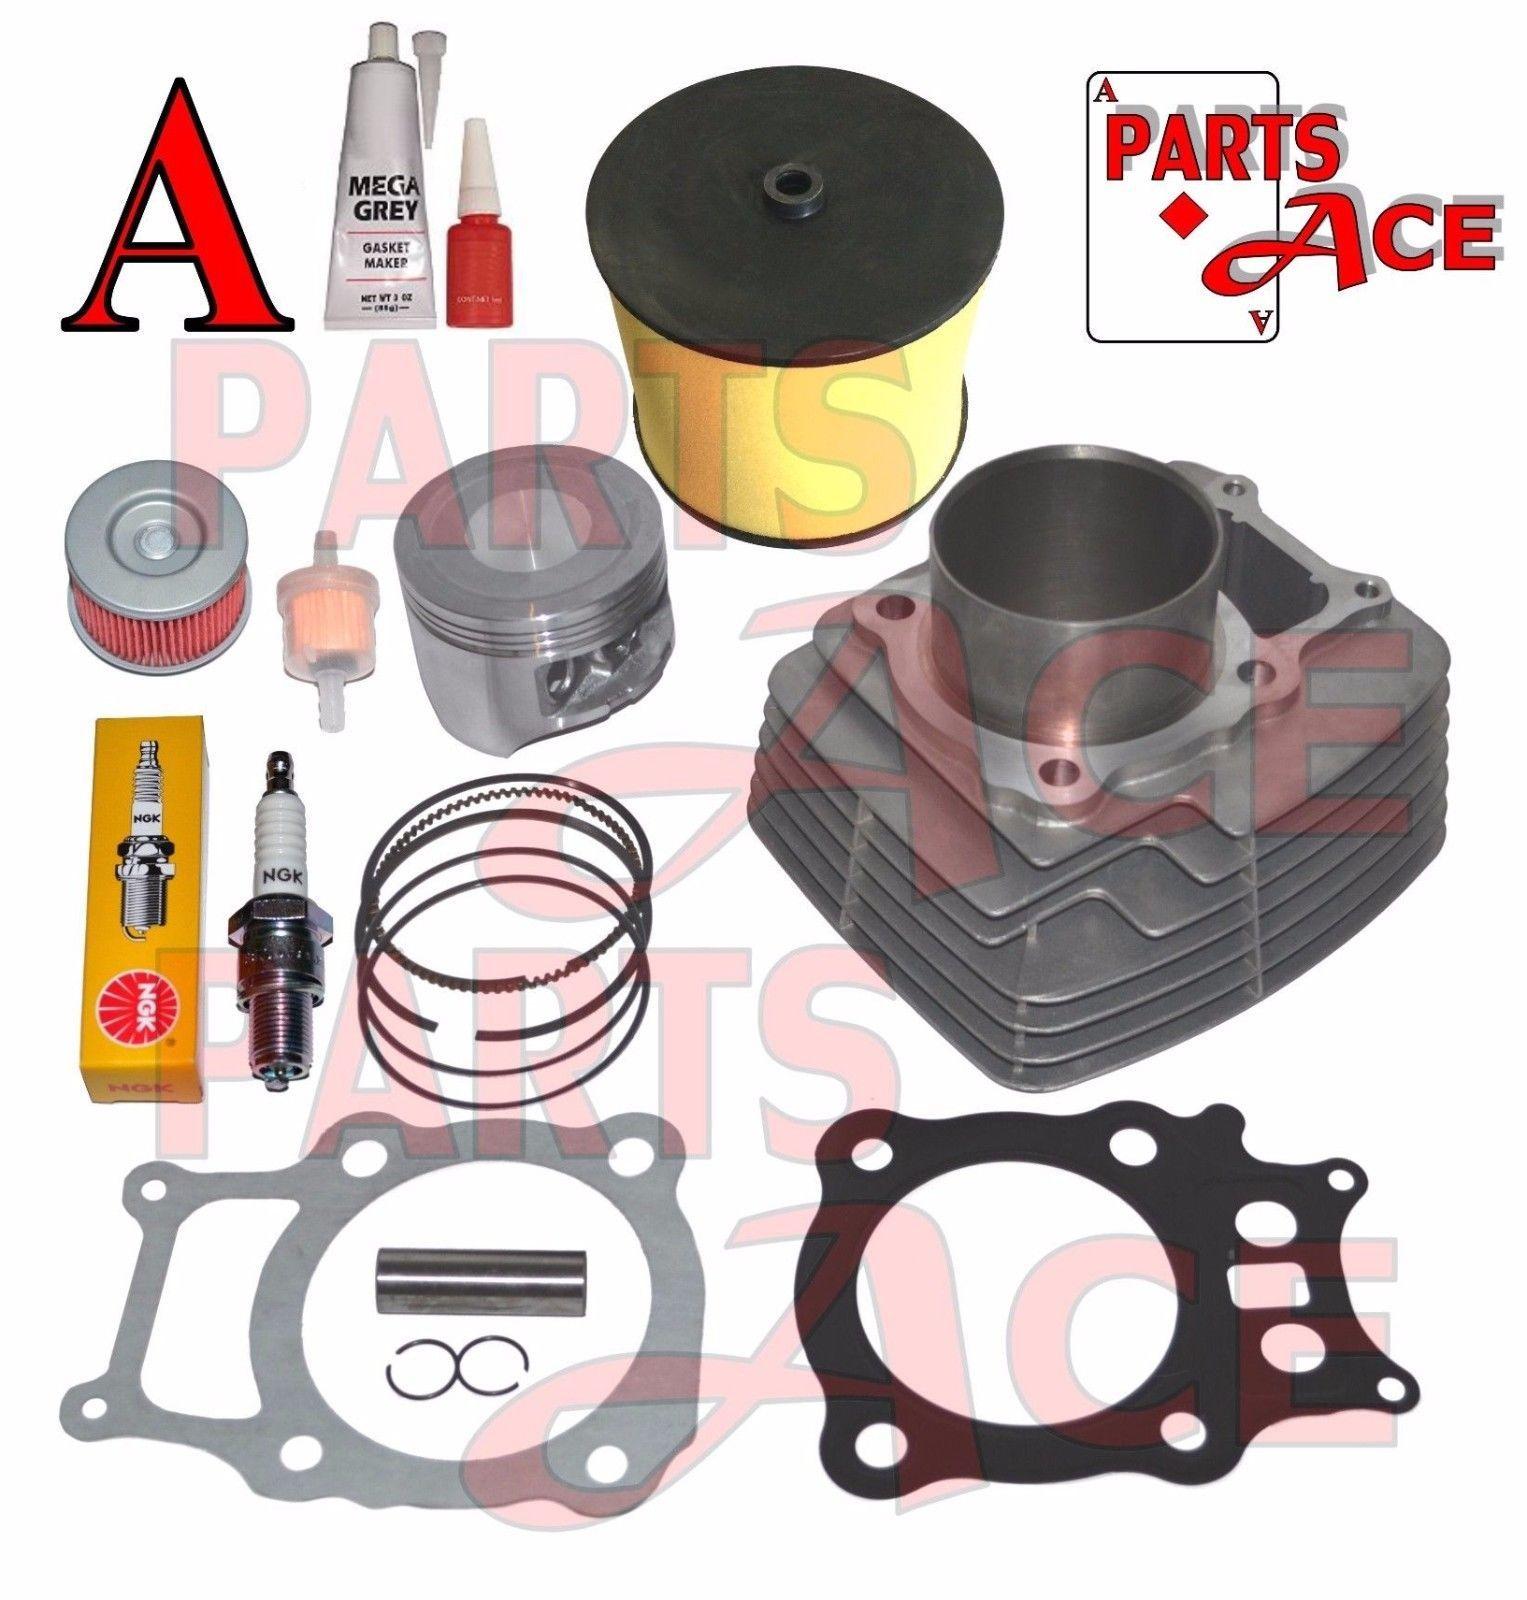 Piston Rings Gasket Kit Top End Kit For Honda Rancher 350 TRX350 ATV 2000-2006